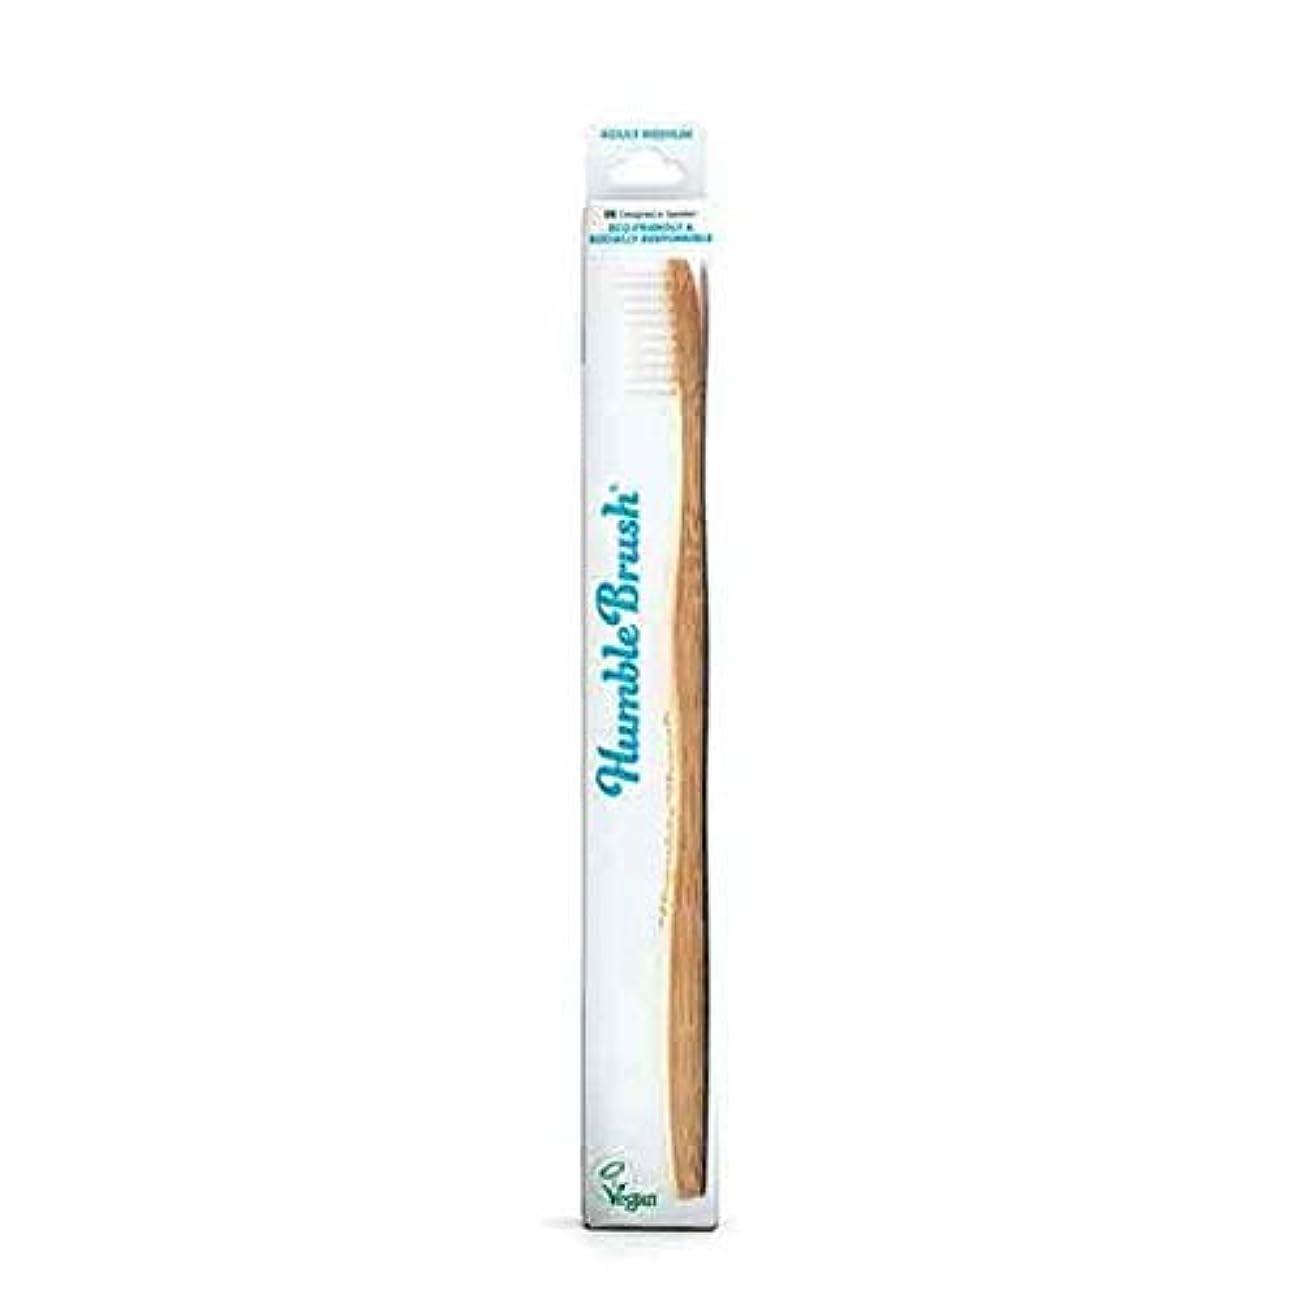 柔和静かにマリン[The Humble Co ] 謙虚なブラシ大人竹の歯ブラシ白 - Humble Brush Adults Bamboo Toothbrush White [並行輸入品]